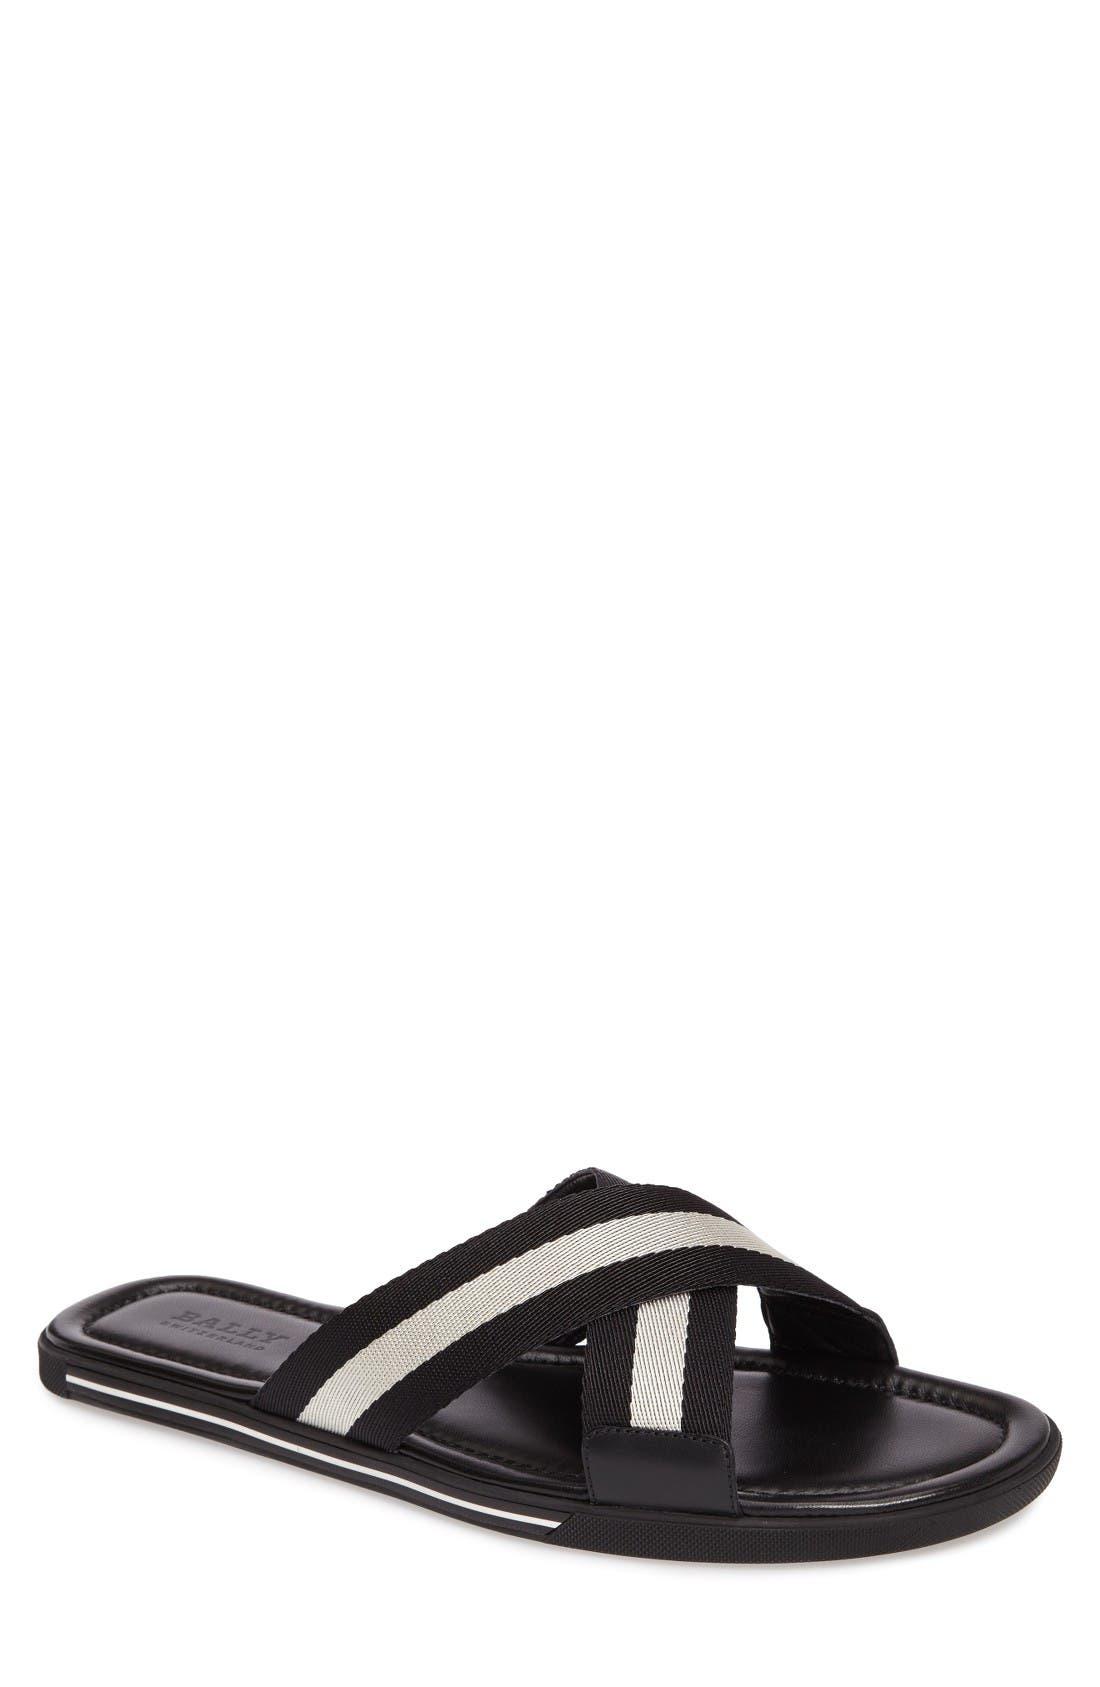 BALLY Bonks Slide Sandal